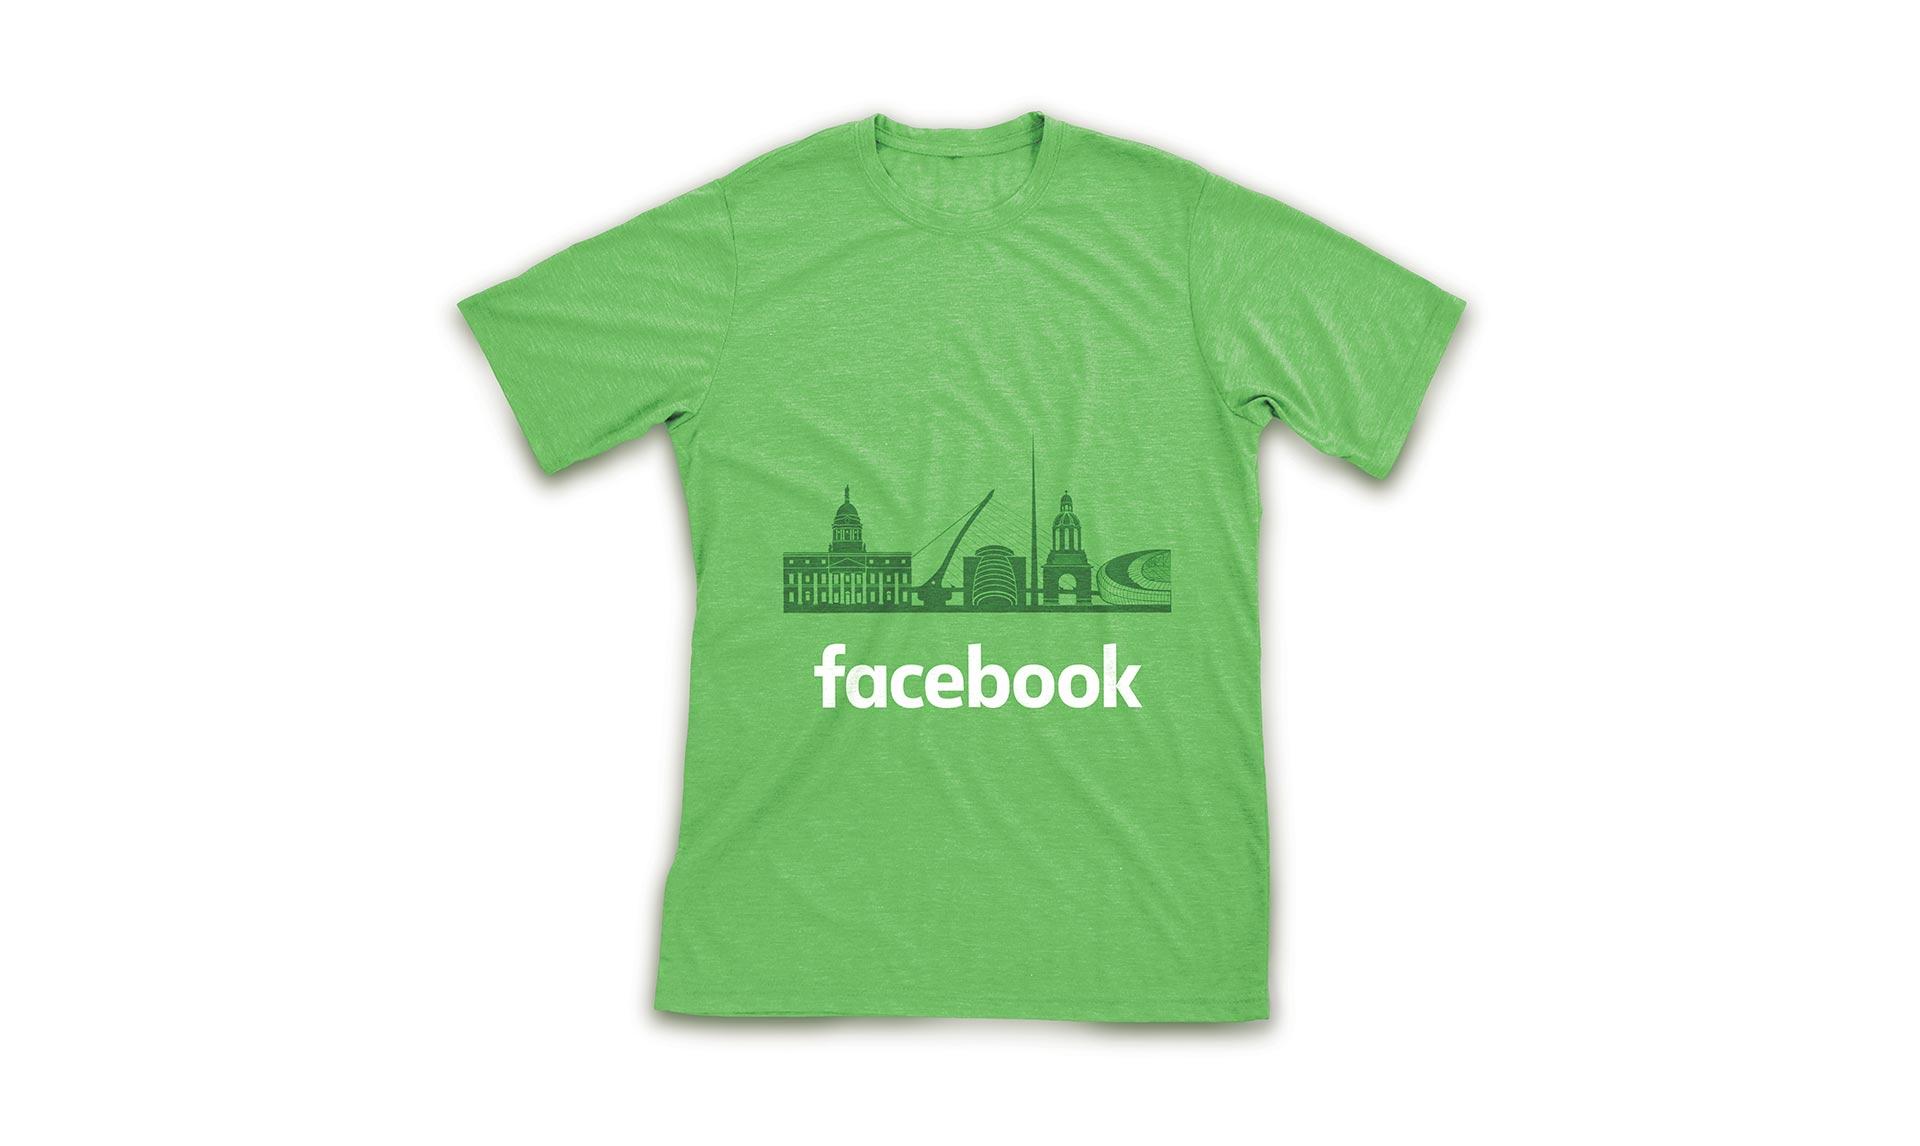 facebook-dublin-t-shirt